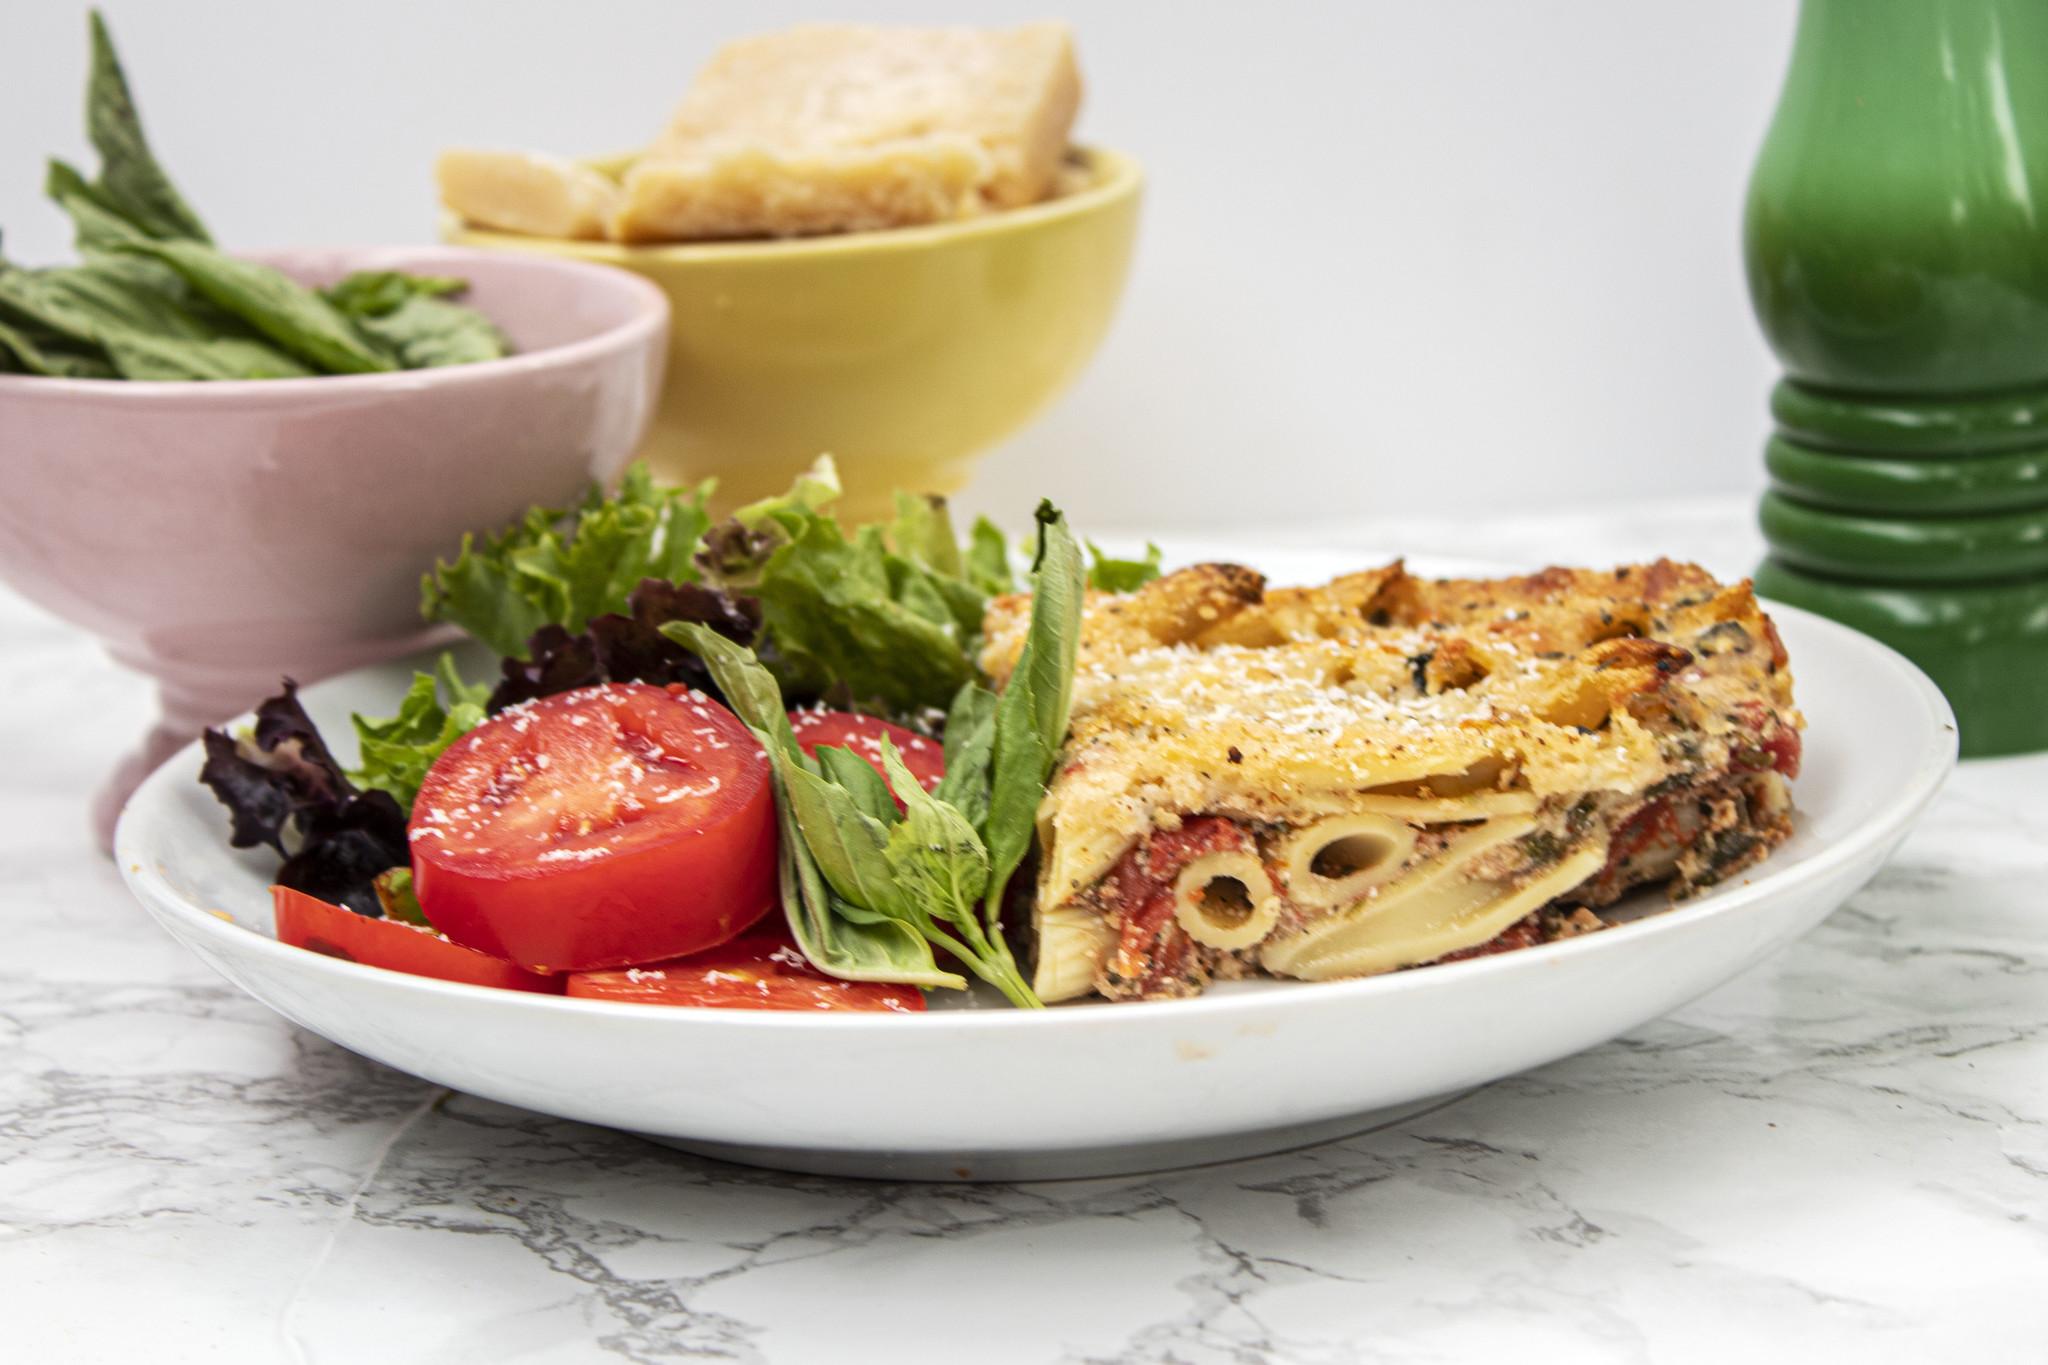 Vegetarian Menu Planner (Serves 2)